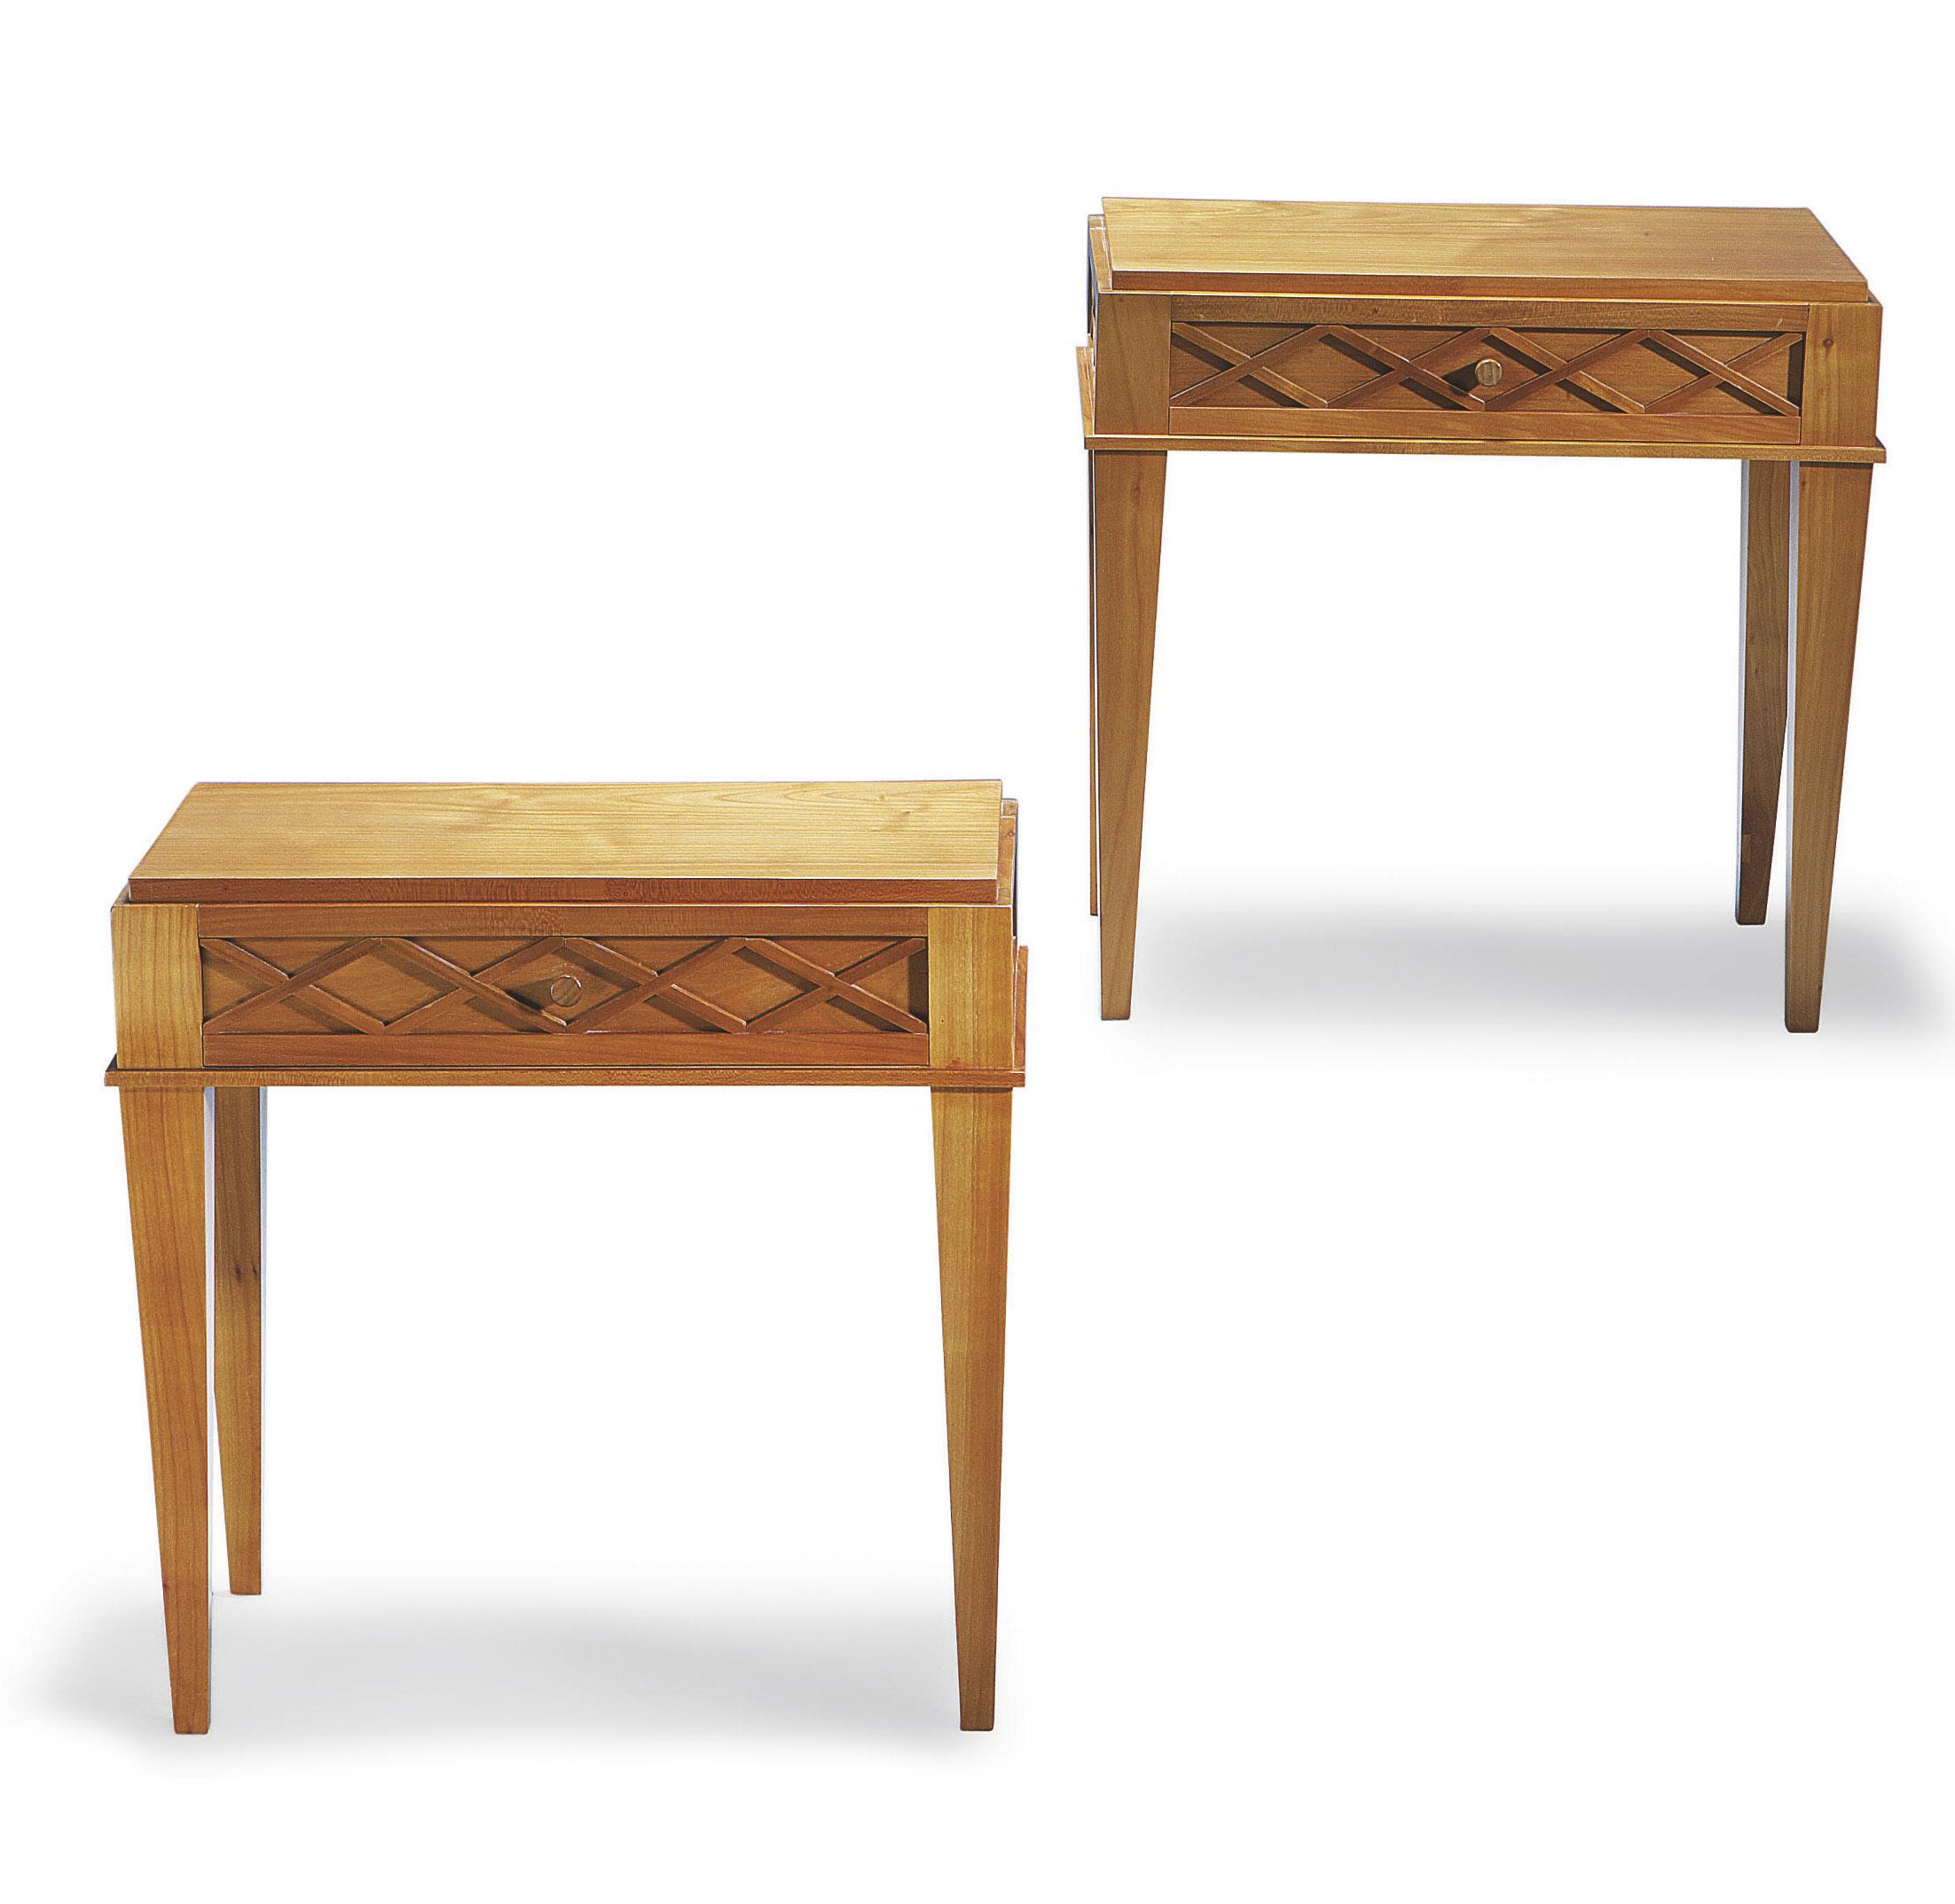 jean royere 1902 1981 pour la maison gouffe paris. Black Bedroom Furniture Sets. Home Design Ideas